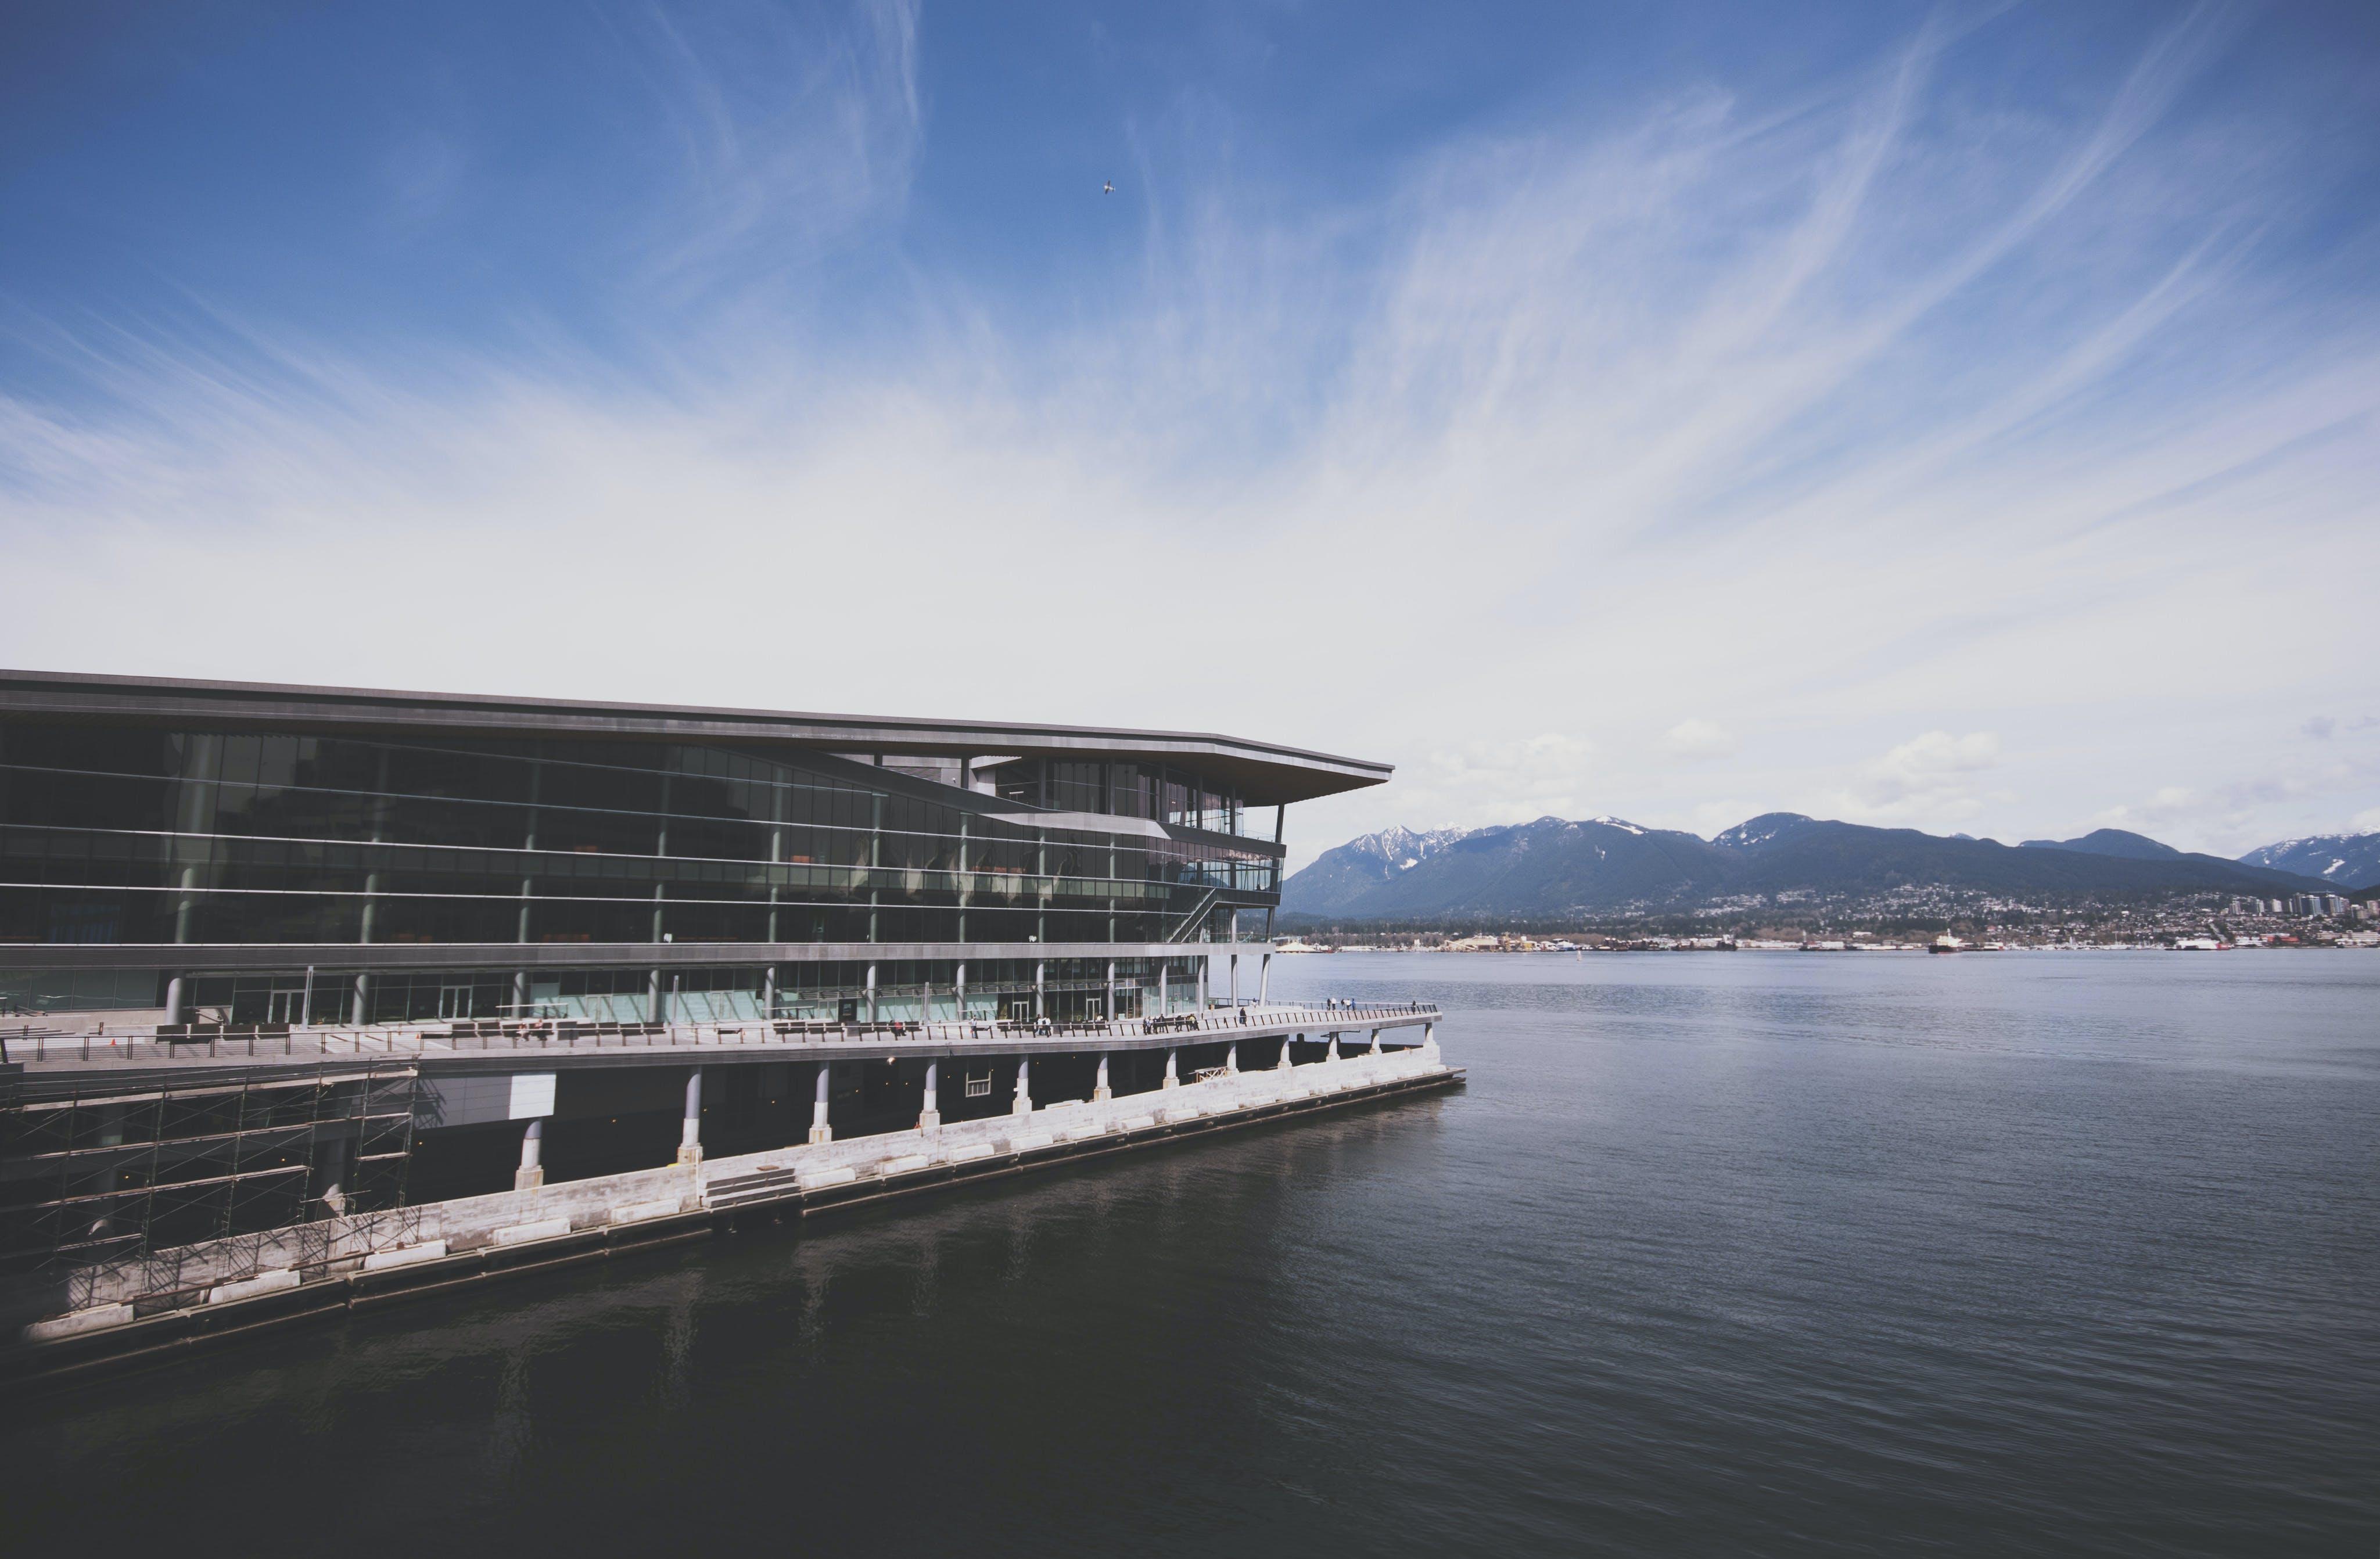 Kostenloses Stock Foto zu architektur, bau, berge, blauer himmel